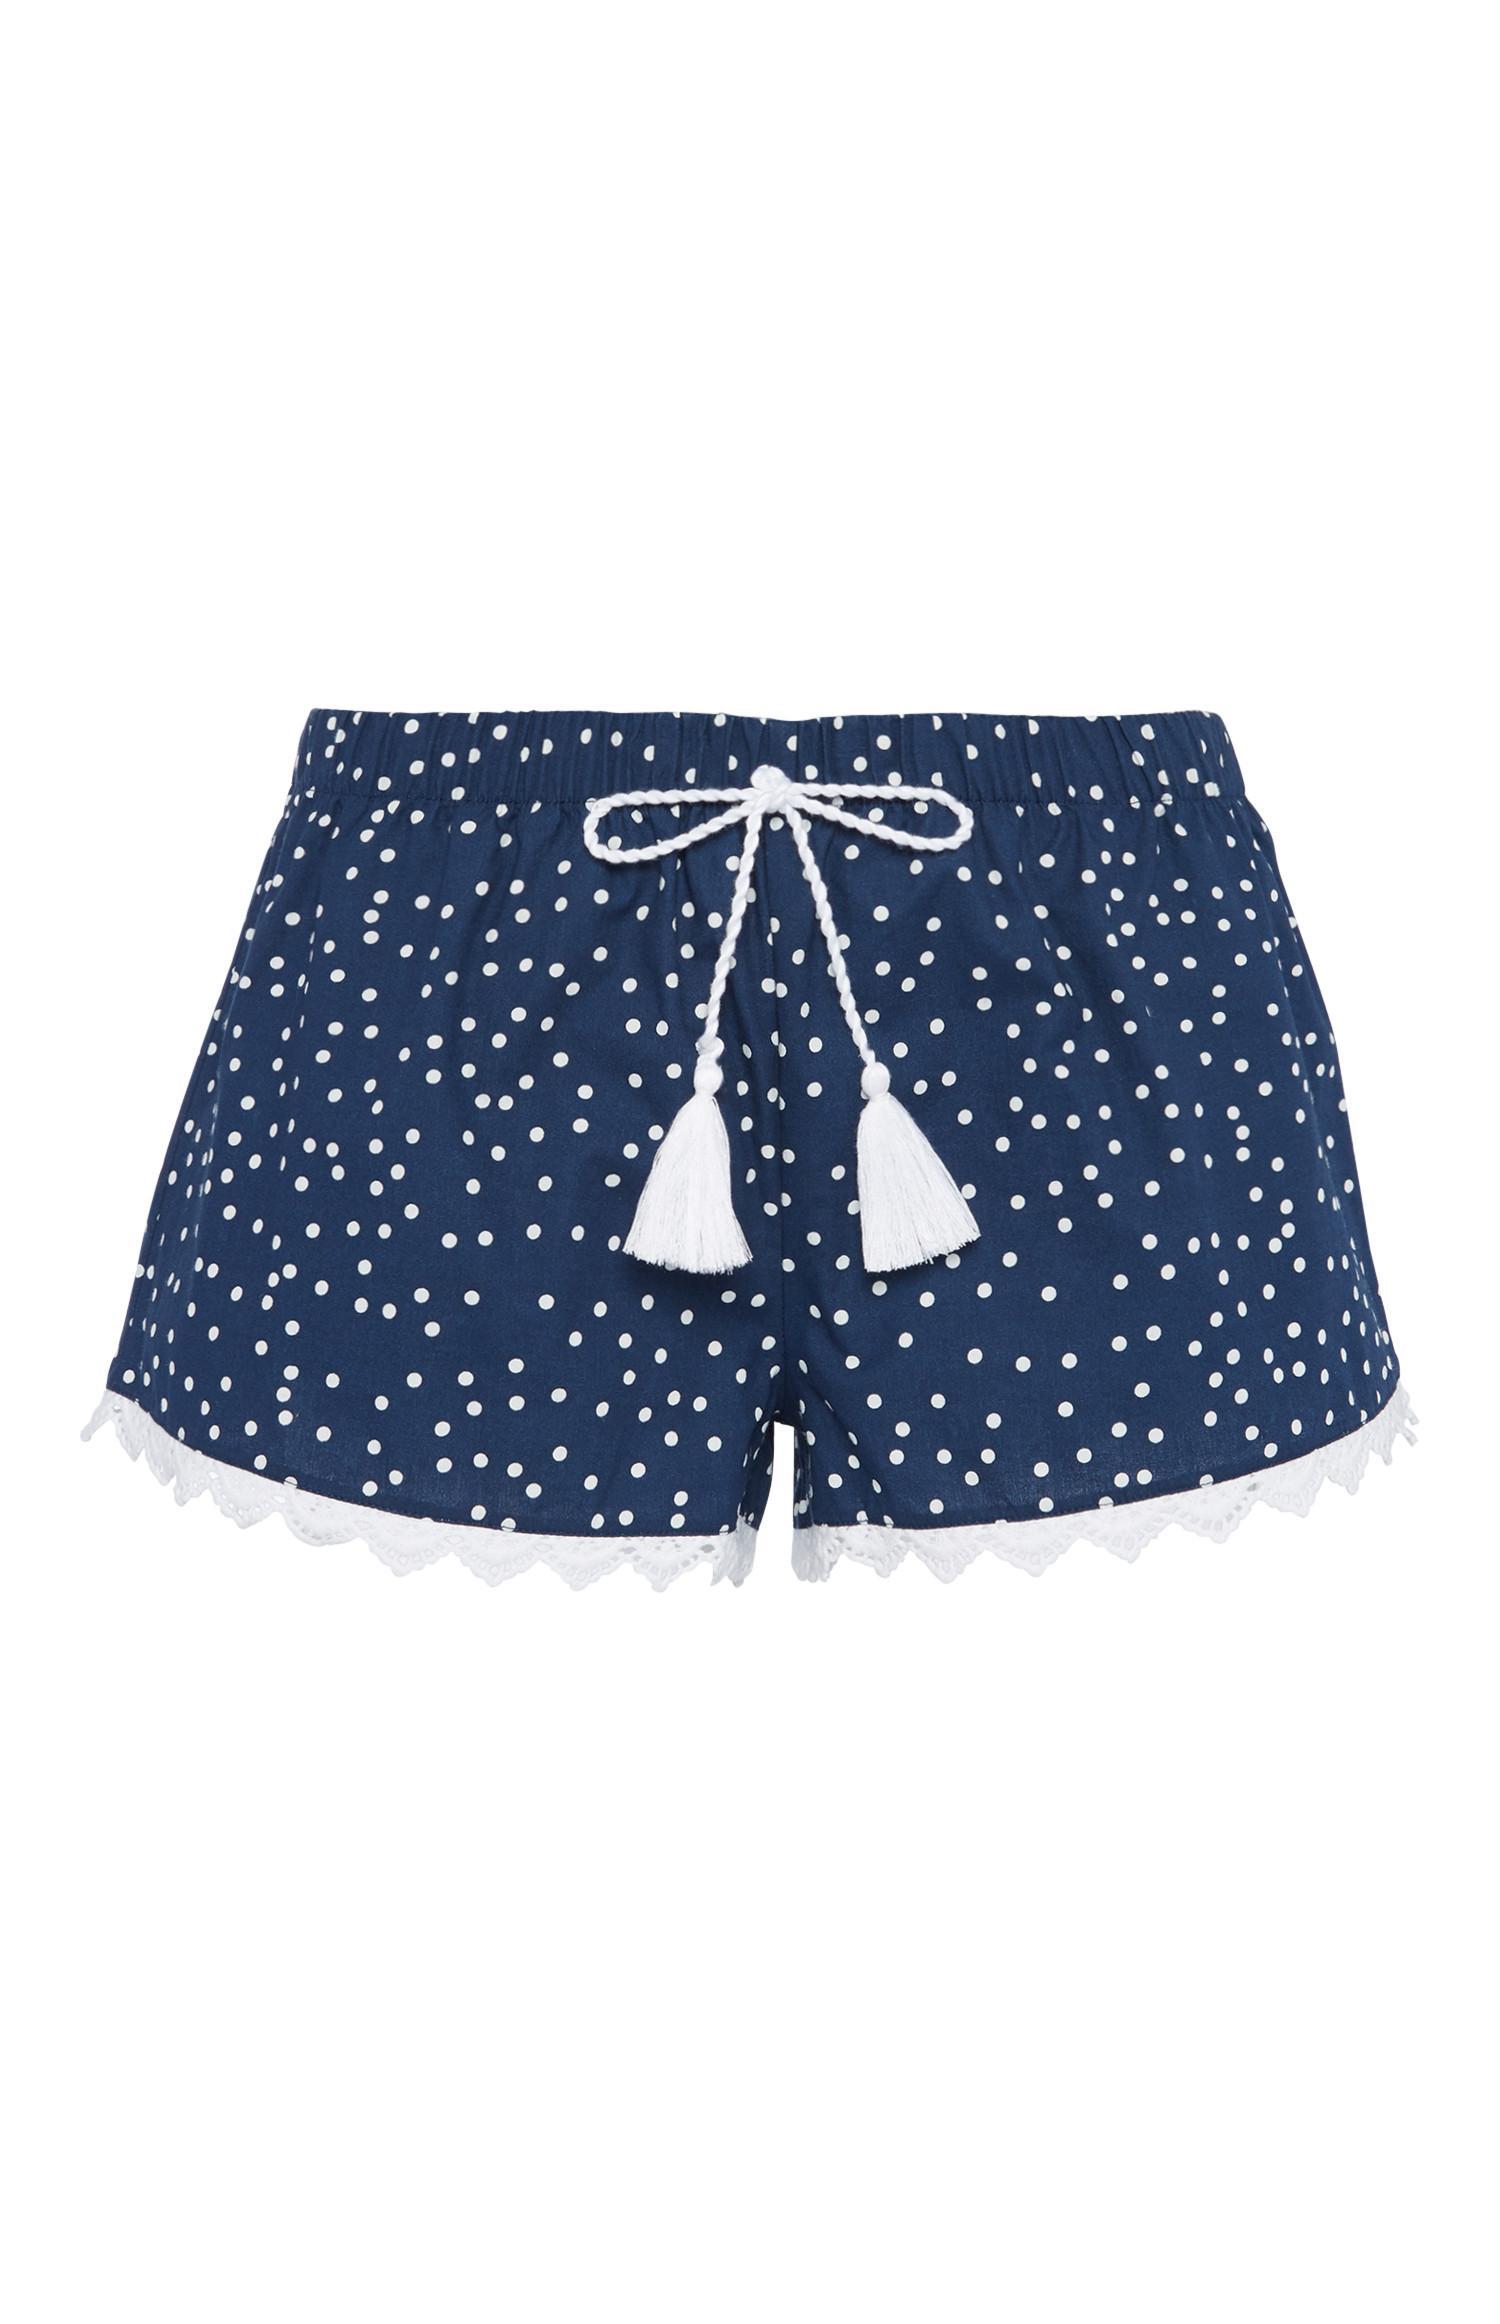 Blue Polka Dot Pyjama Short